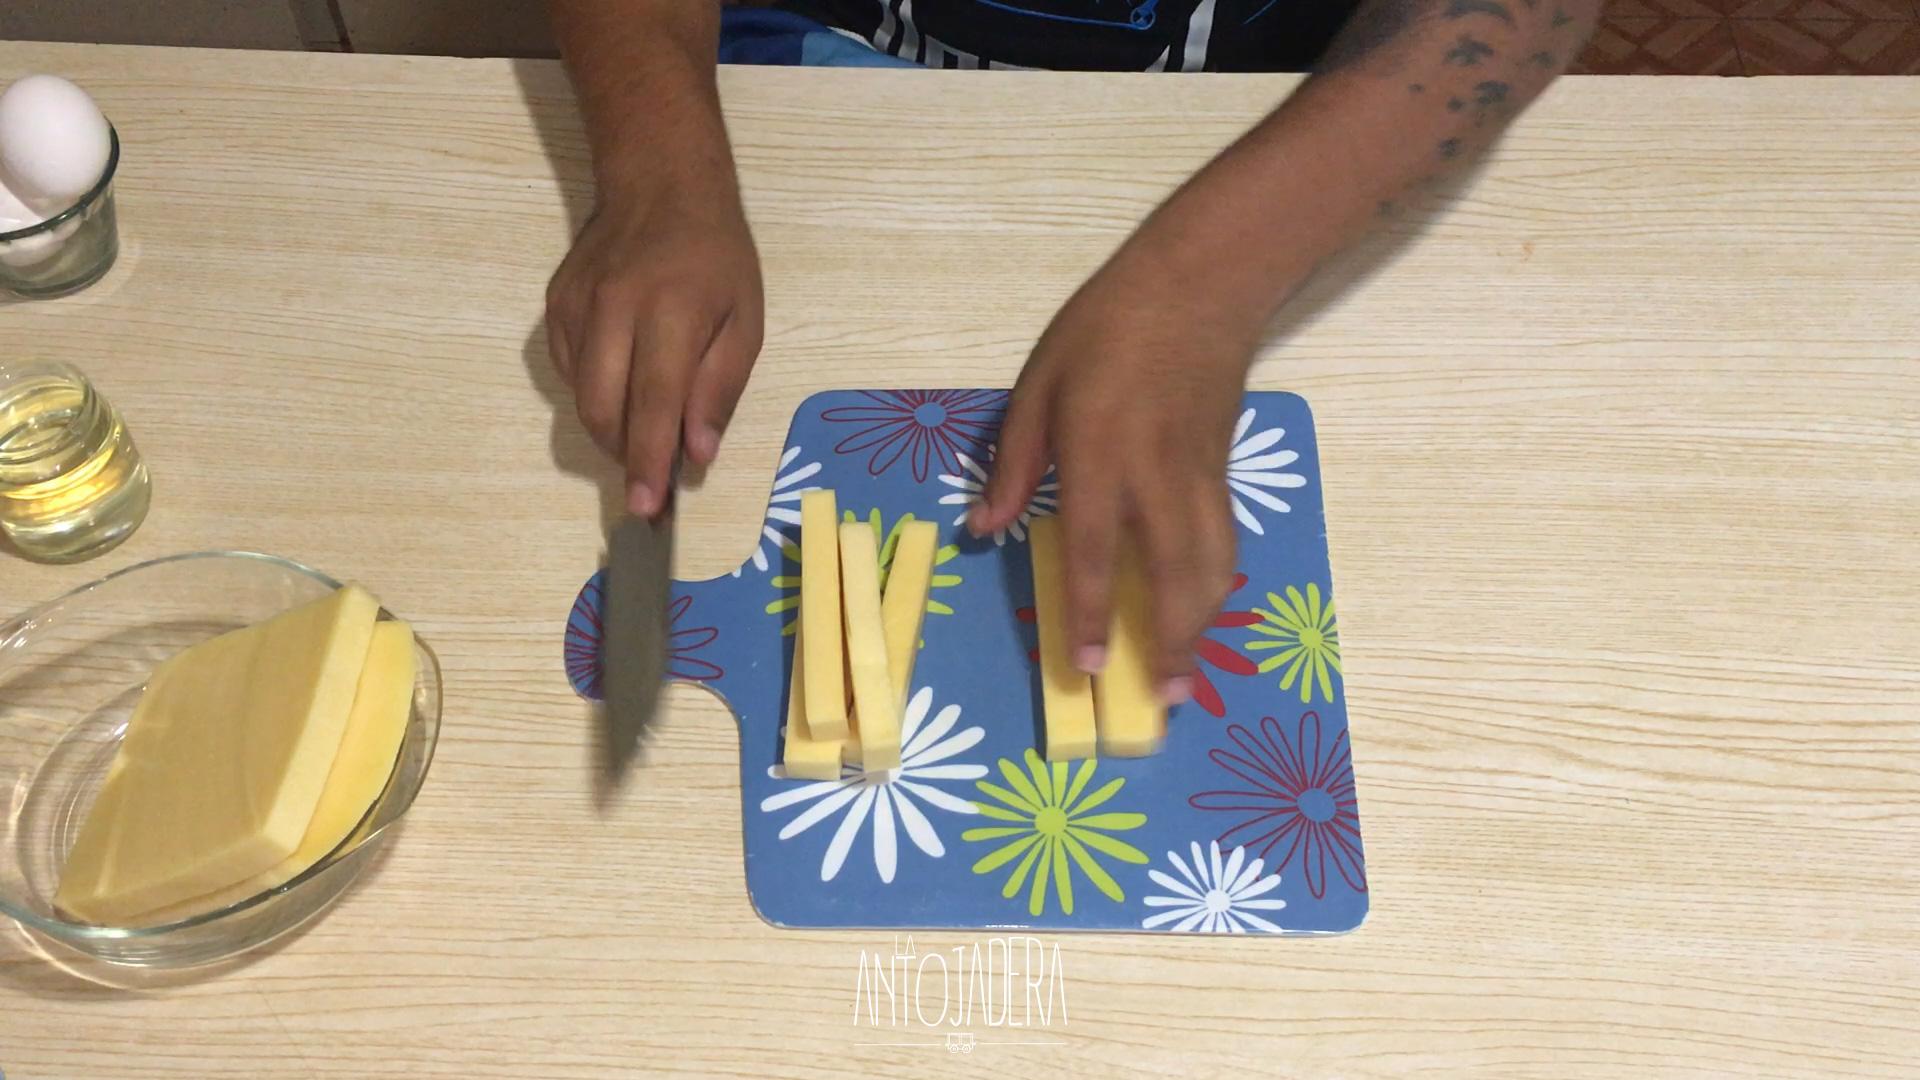 La Antojadera | Dedos de Queso